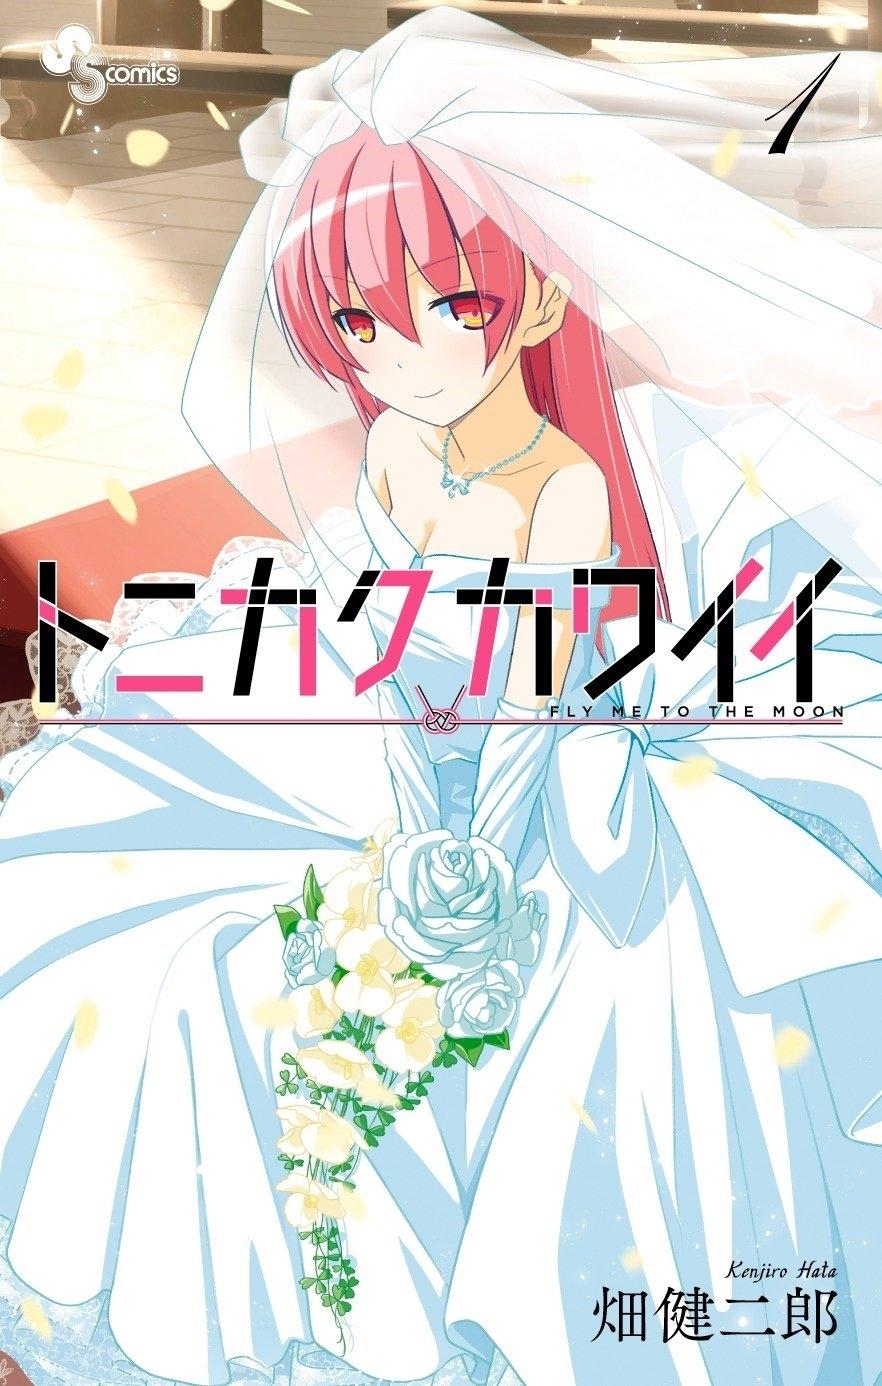 Tonikaku Kawaii - Chương 3: Đó là điều đơn giản hơn thực hiện khế ước với Kyubey, nhưng cũng nặng nề hơn trách nhiệm trở thành ma pháp thiếu nữ